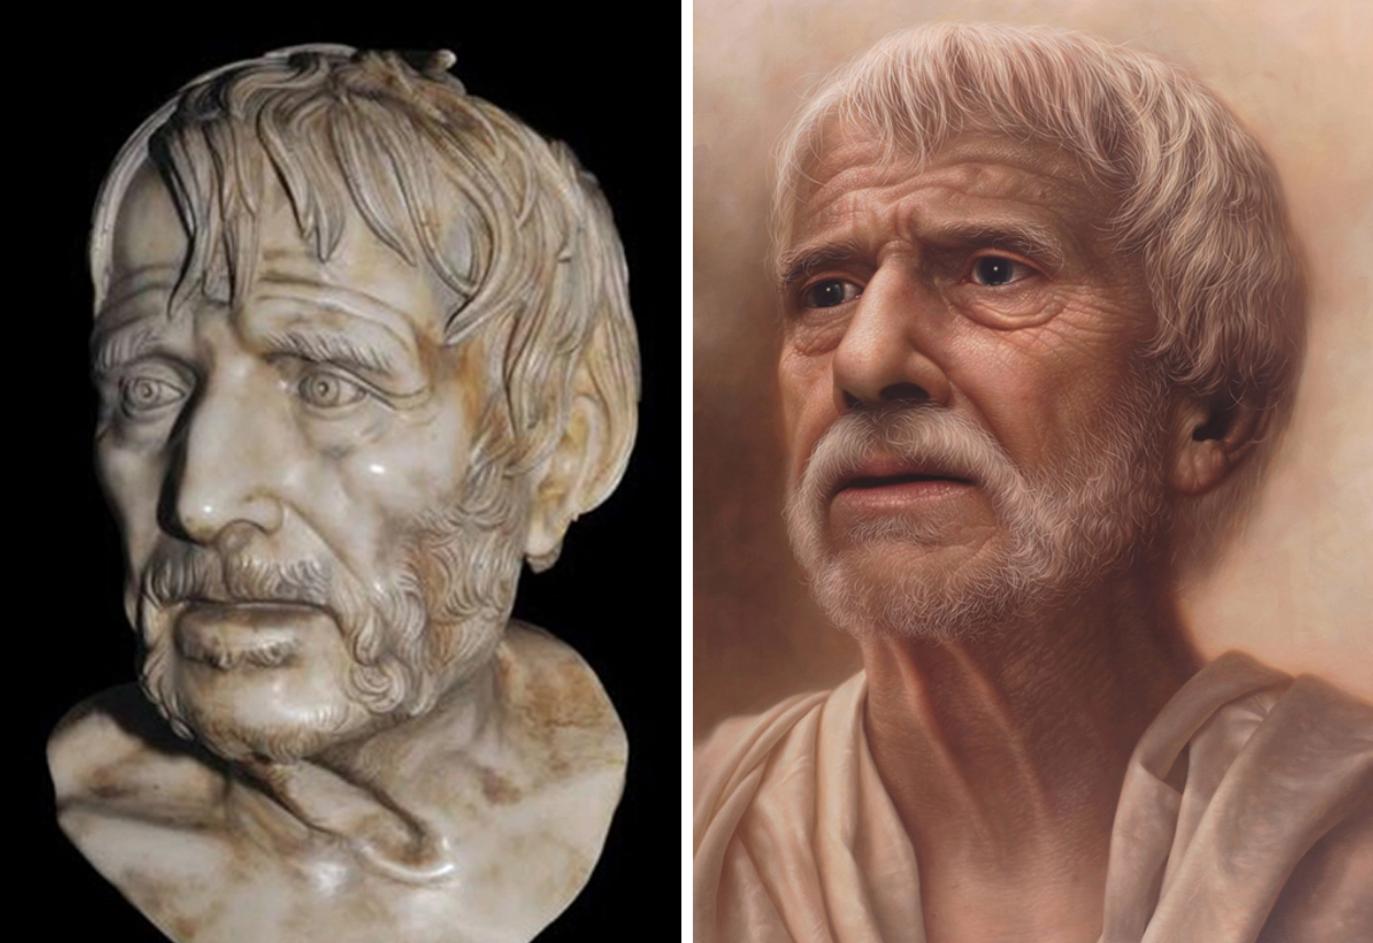 Chiêm ngưỡng những chân dung nổi tiếng được vẽ lại bằng phong cách cực thực (hyperrealistic) - 10